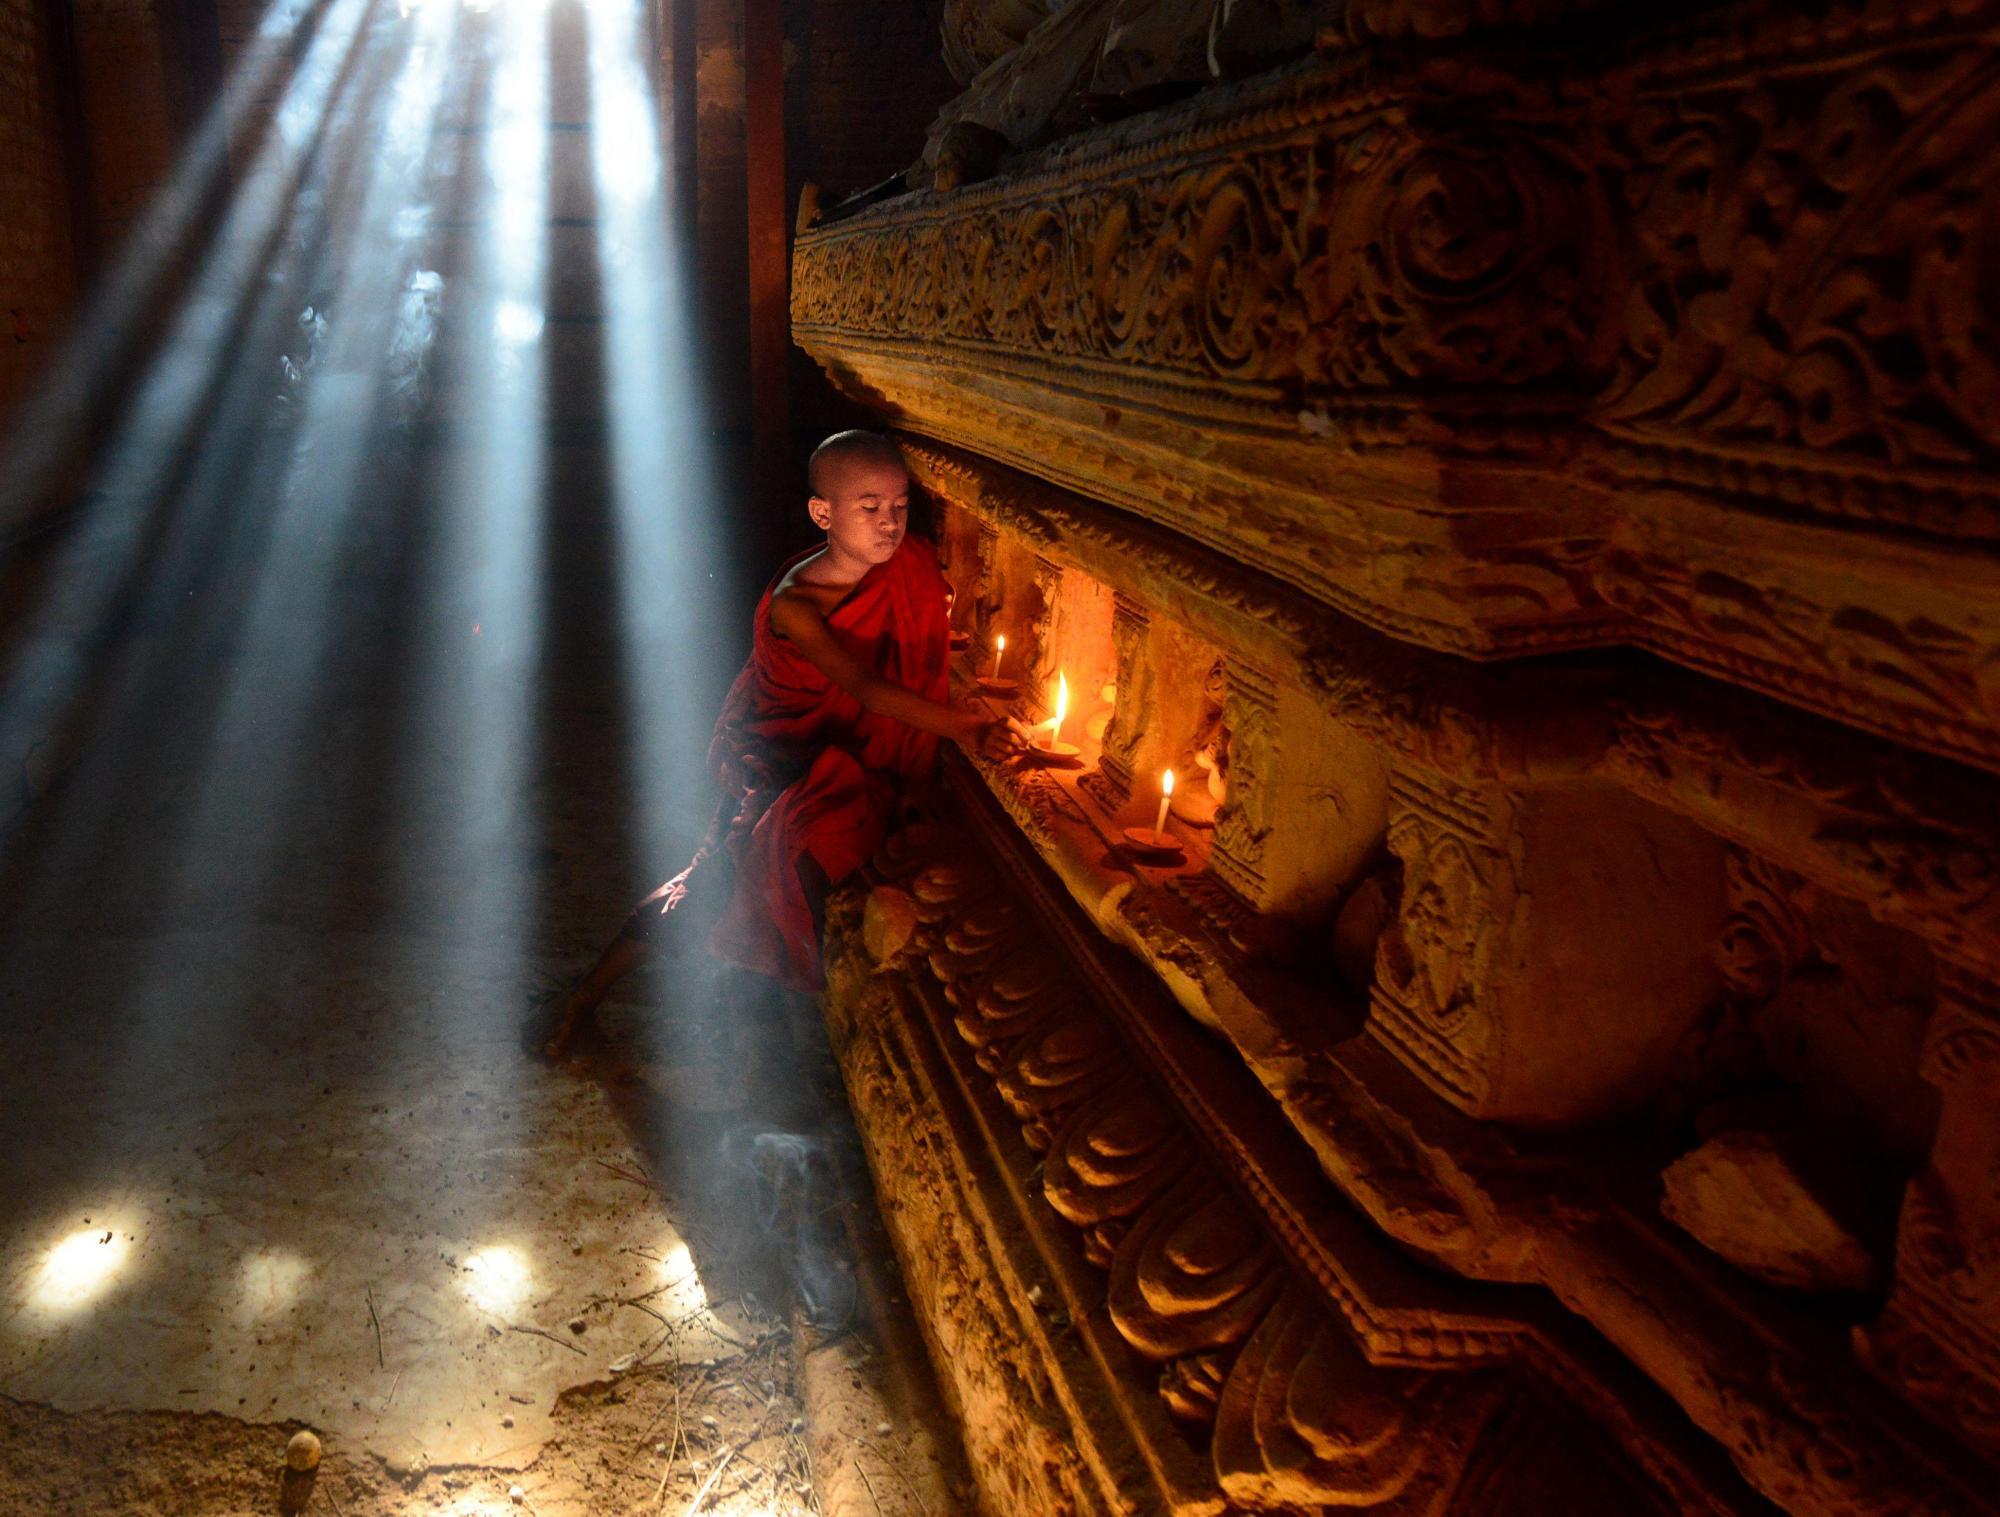 静坐冥想:静中有动,调整始终为觉知者服务